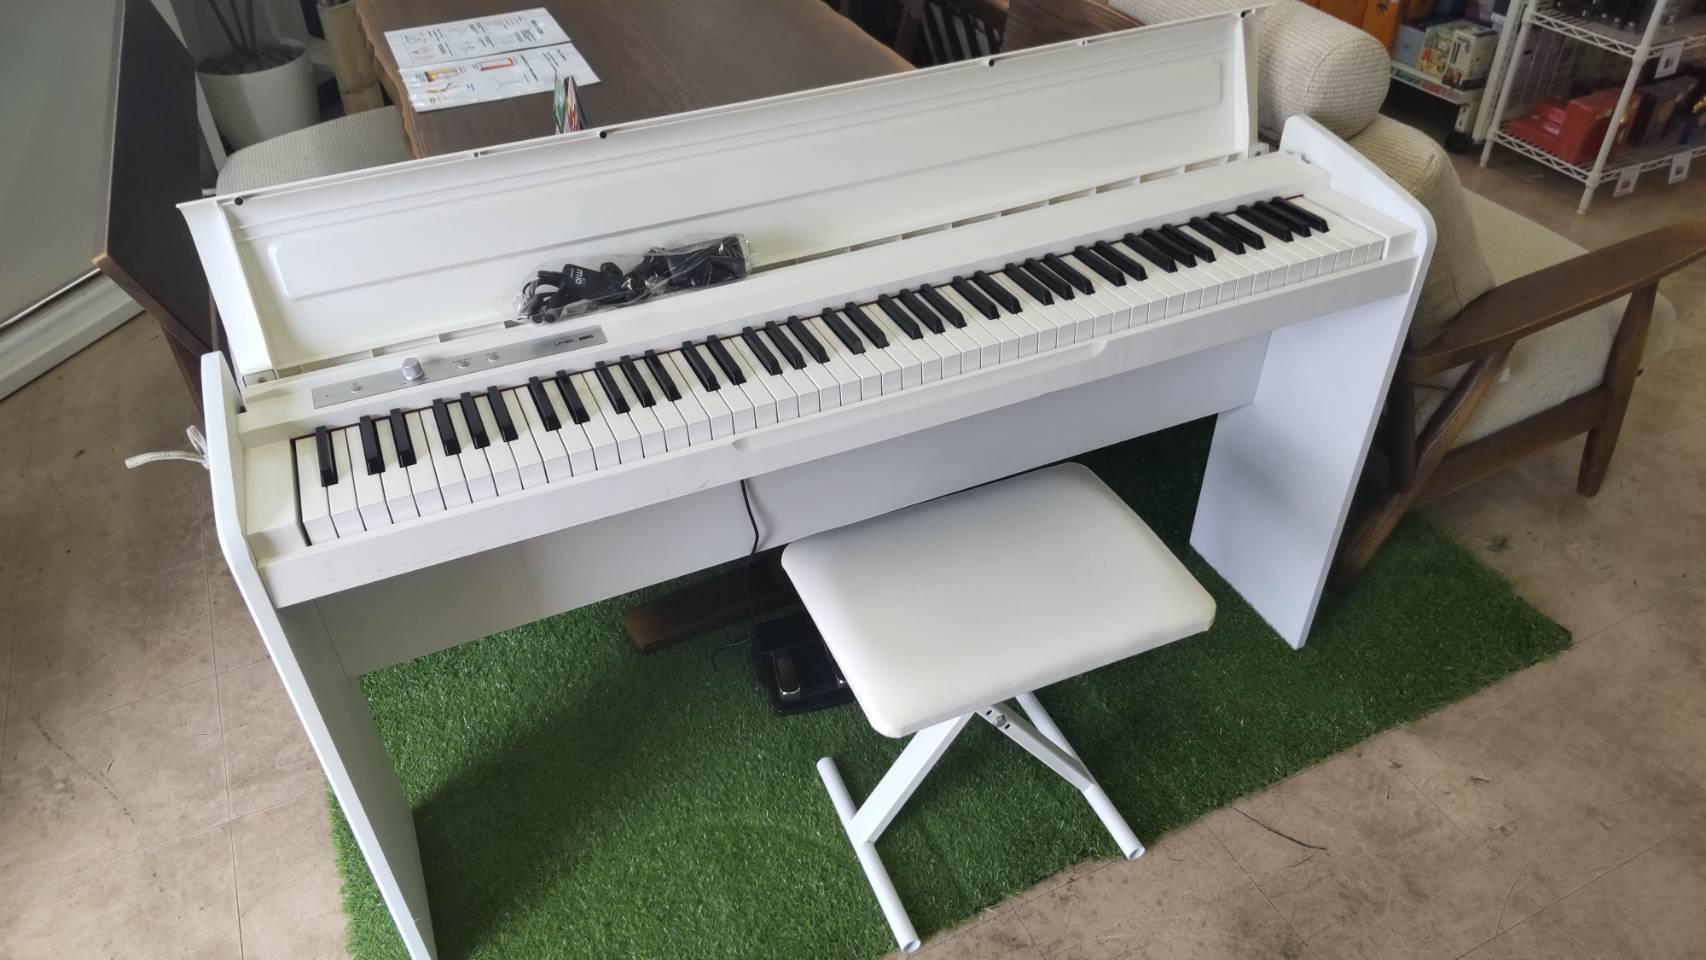 【KORG コルグ 電子ピアノ LP-180 デジタルピアノ イス付 スリムなスタンダード・モデル】を買取させて頂きました!電子ピアノも高価買取中!グランドピアノも買取致します♪の買取-